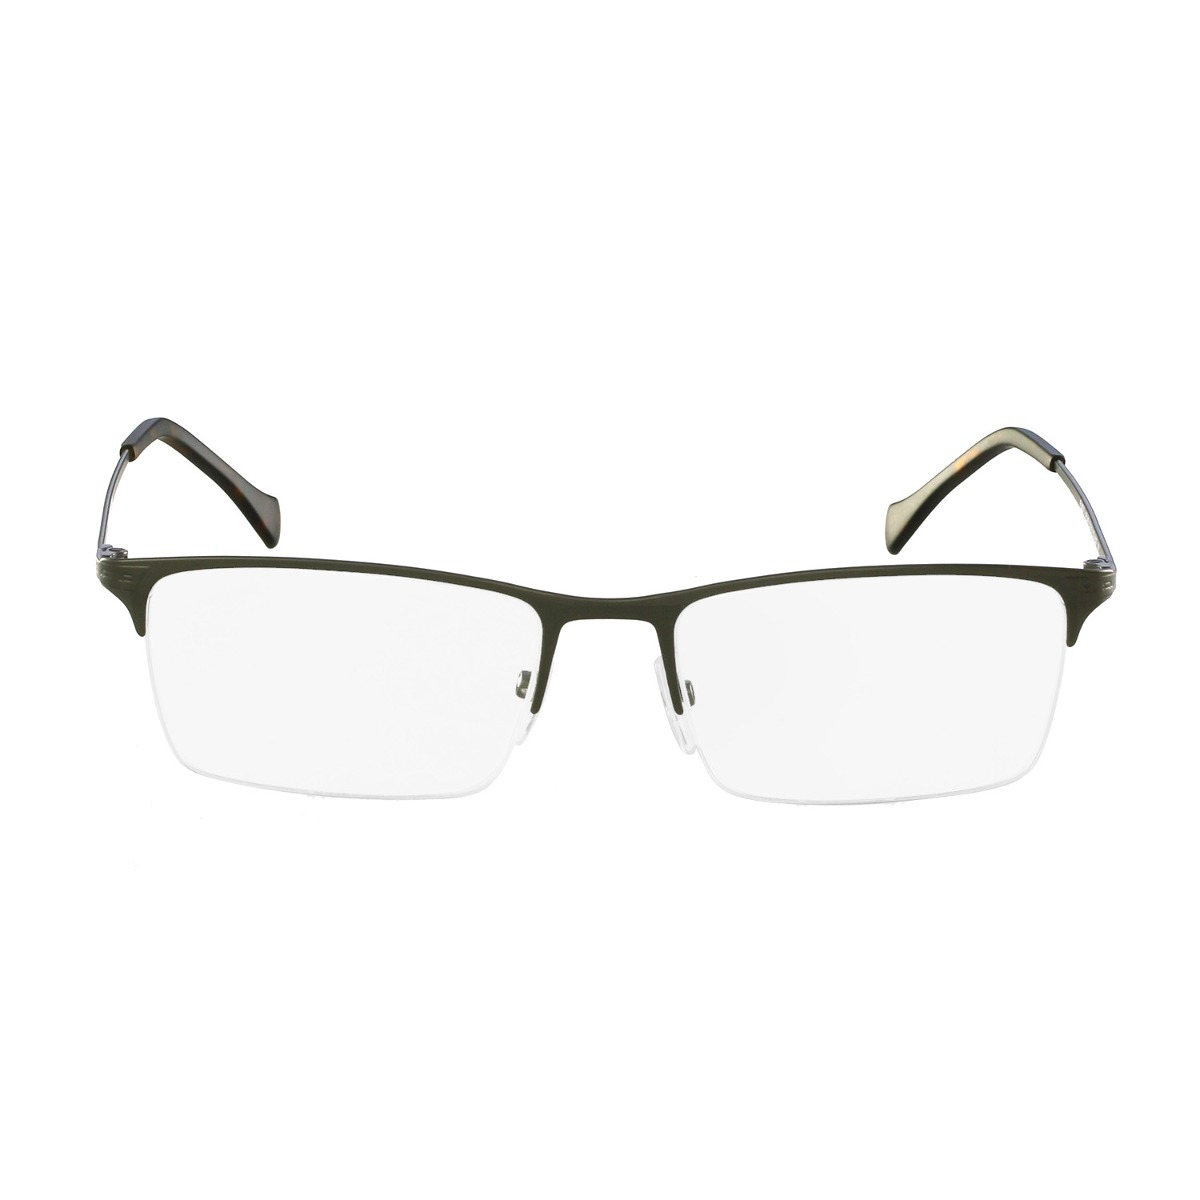 03bab36f1c297 Óculos De Grau Police Clássico Cinza - R  530,00 em Mercado Livre